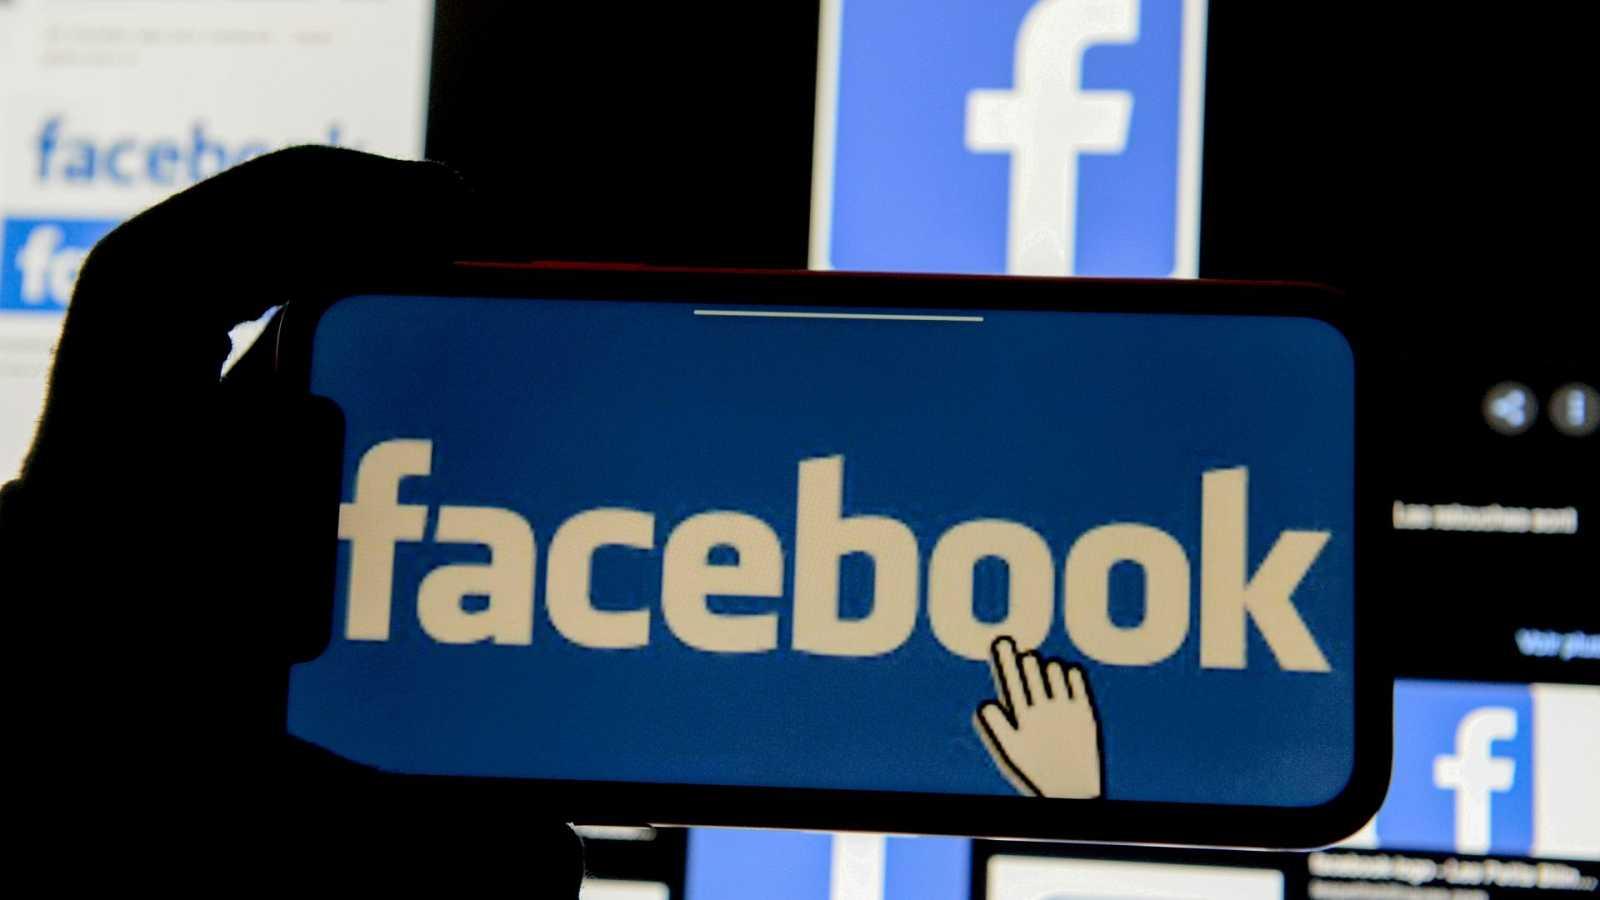 El logo de Facebook desplegado en un teléfono móvil